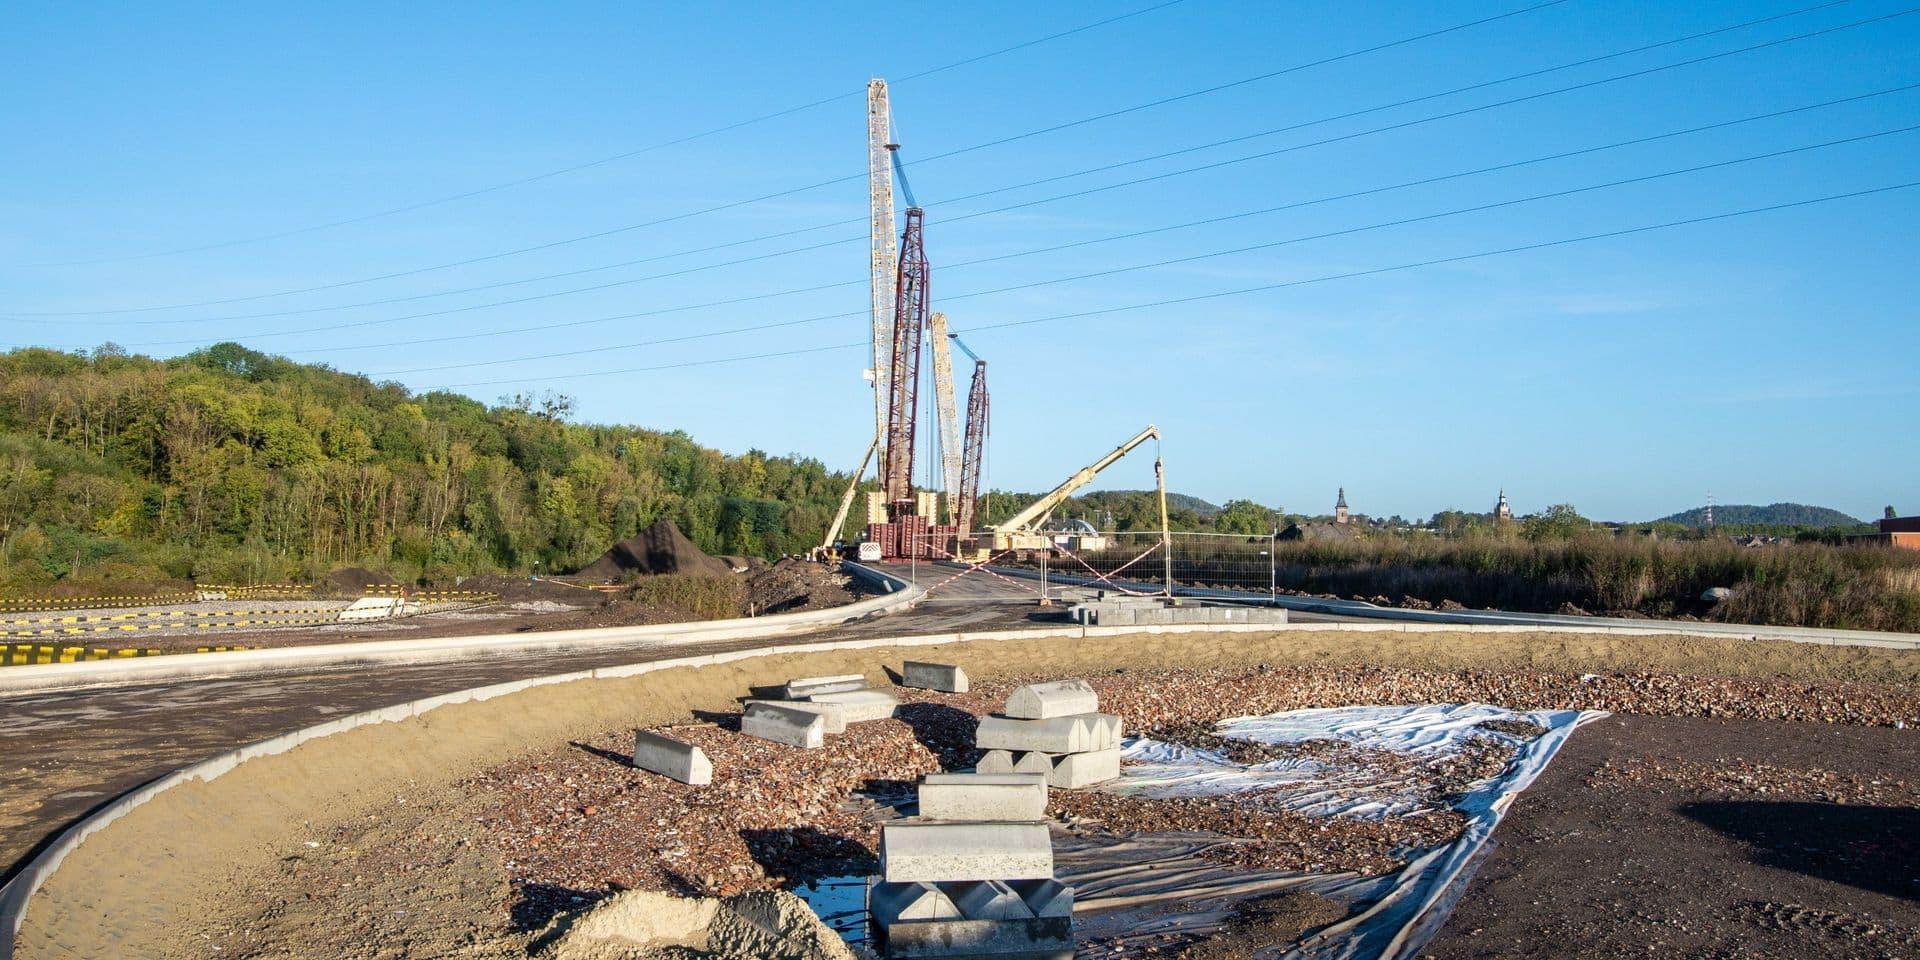 Le pont de Marchienne ne sera pas installé samedi suite à un problème technique